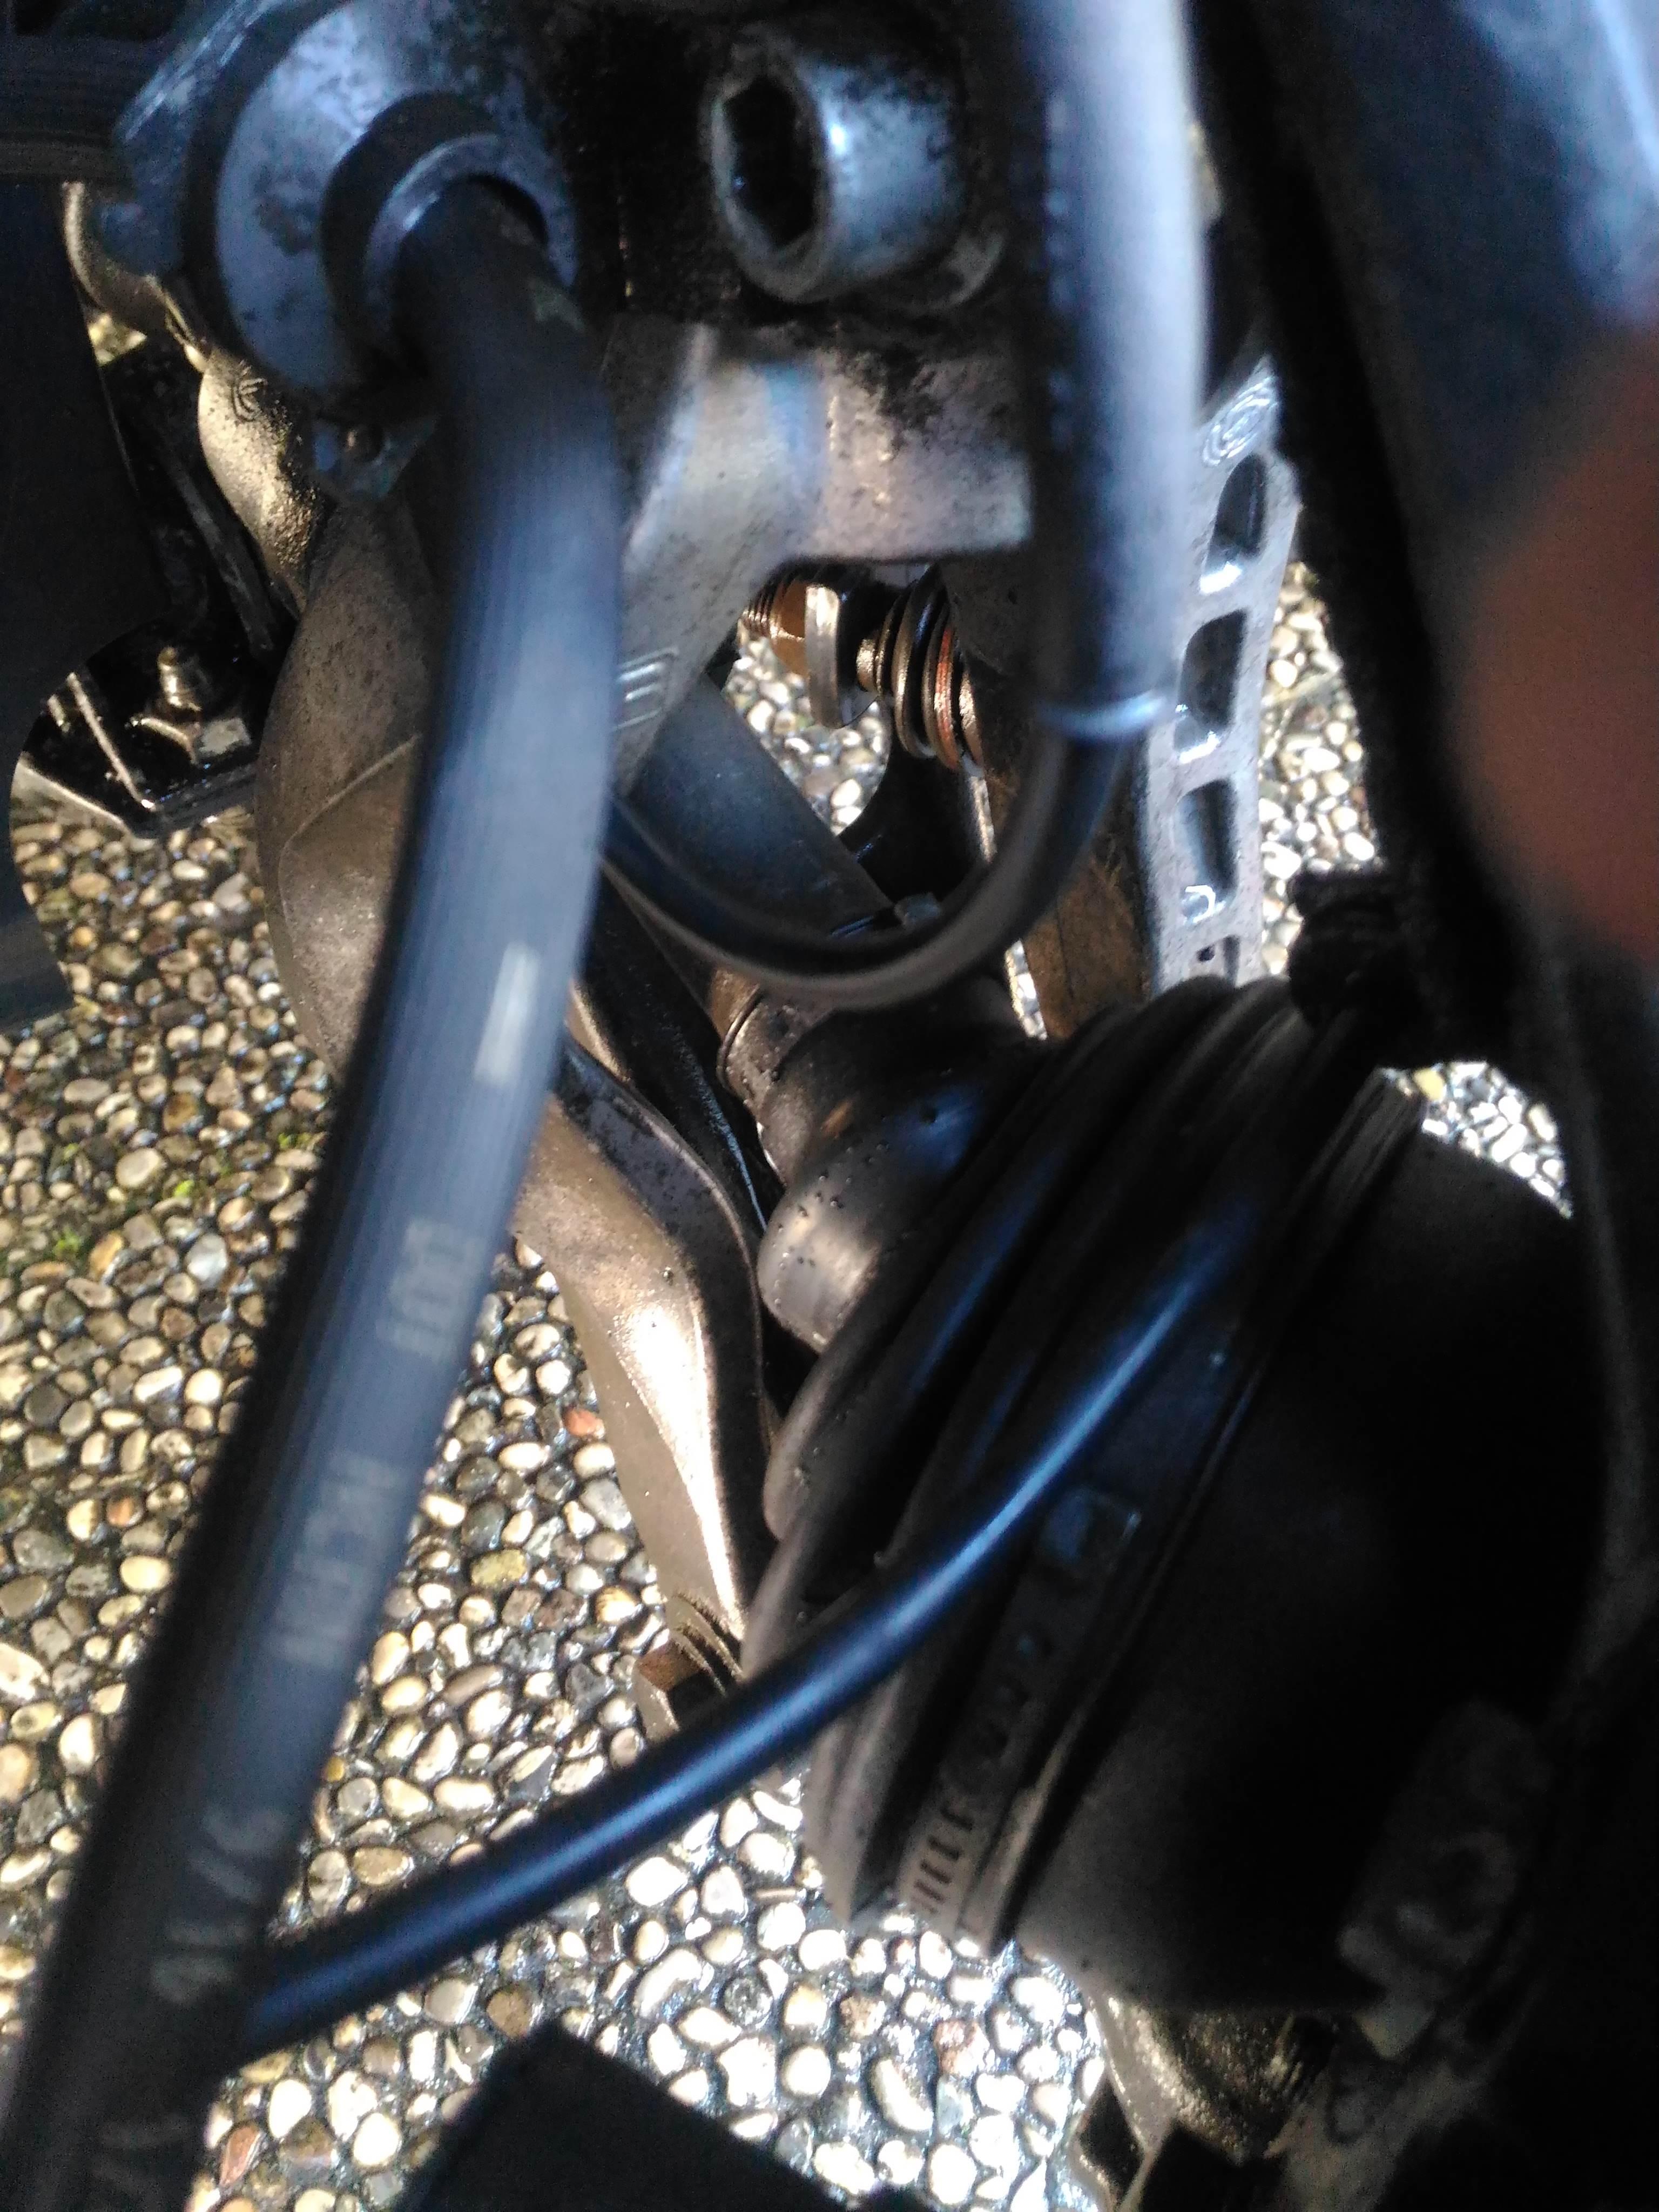 foto Problema dopo sostituzione sospensioni e assetto alfa 147 1.9 jtdm - 19